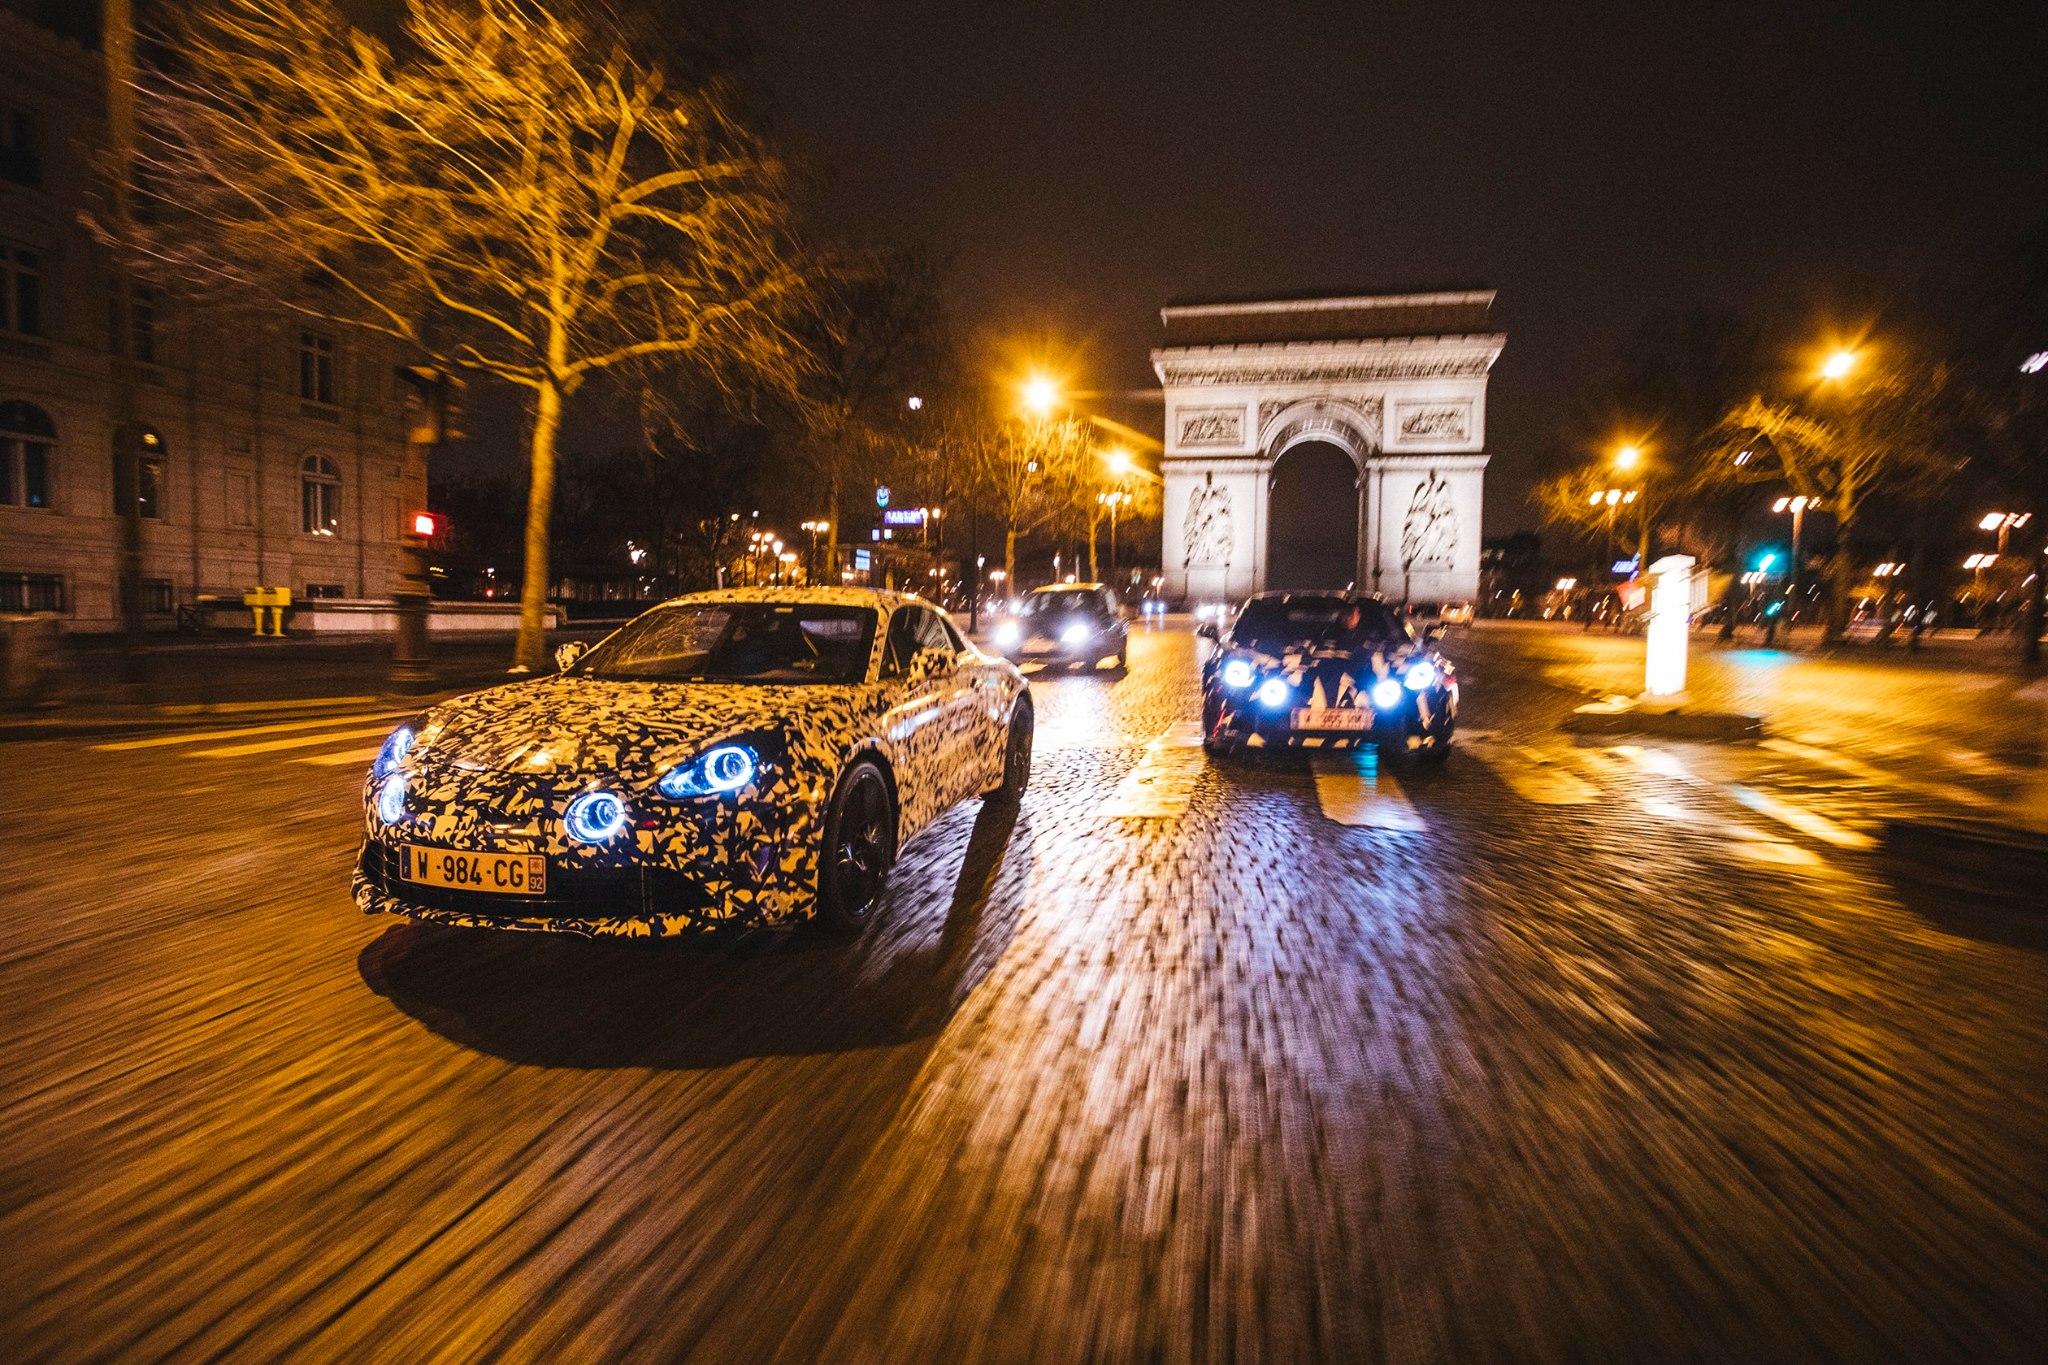 Prototype Alpine dans les rues de Paris - Studio Alpine Boulogne-Billancourt - 018